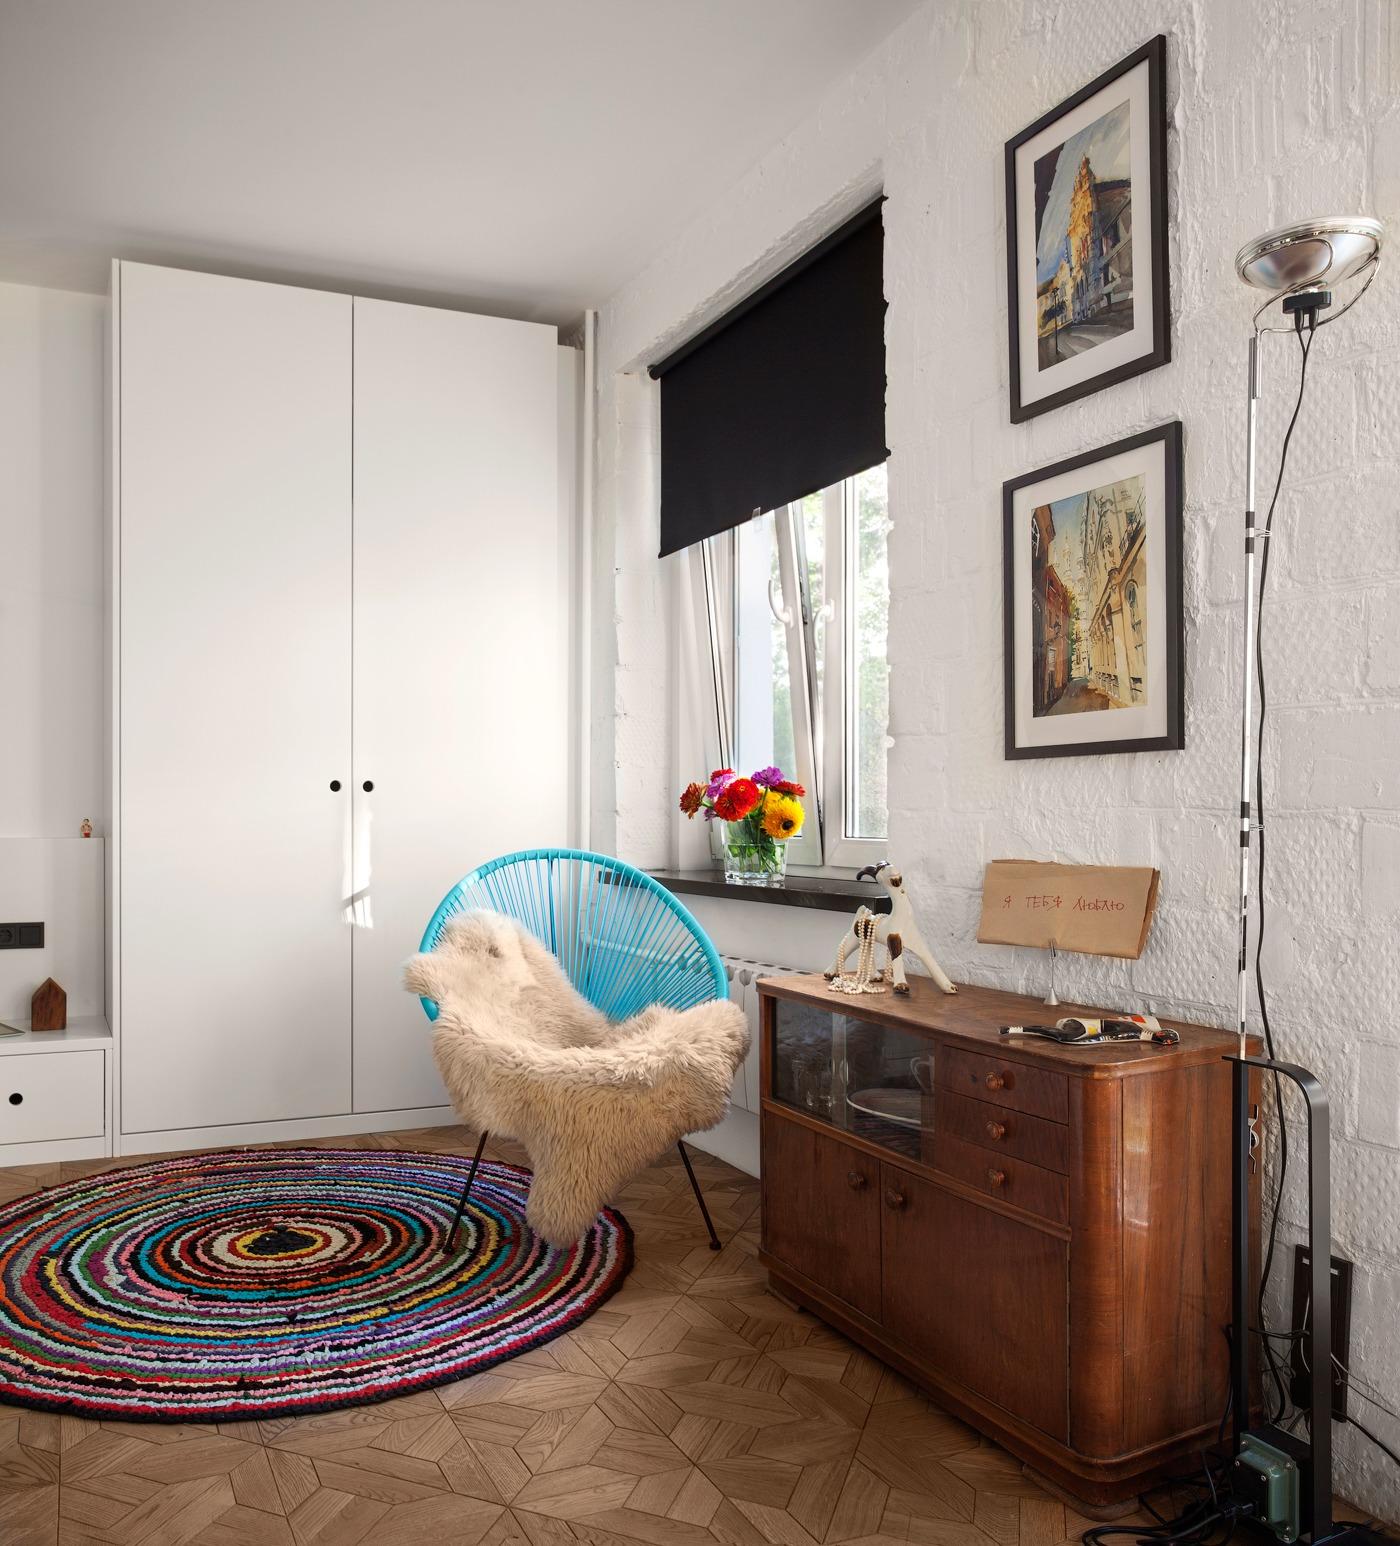 Các chi tiết được chăm chút tỉ mỉ khiến căn hộ nhỏ trở nên ấm áp